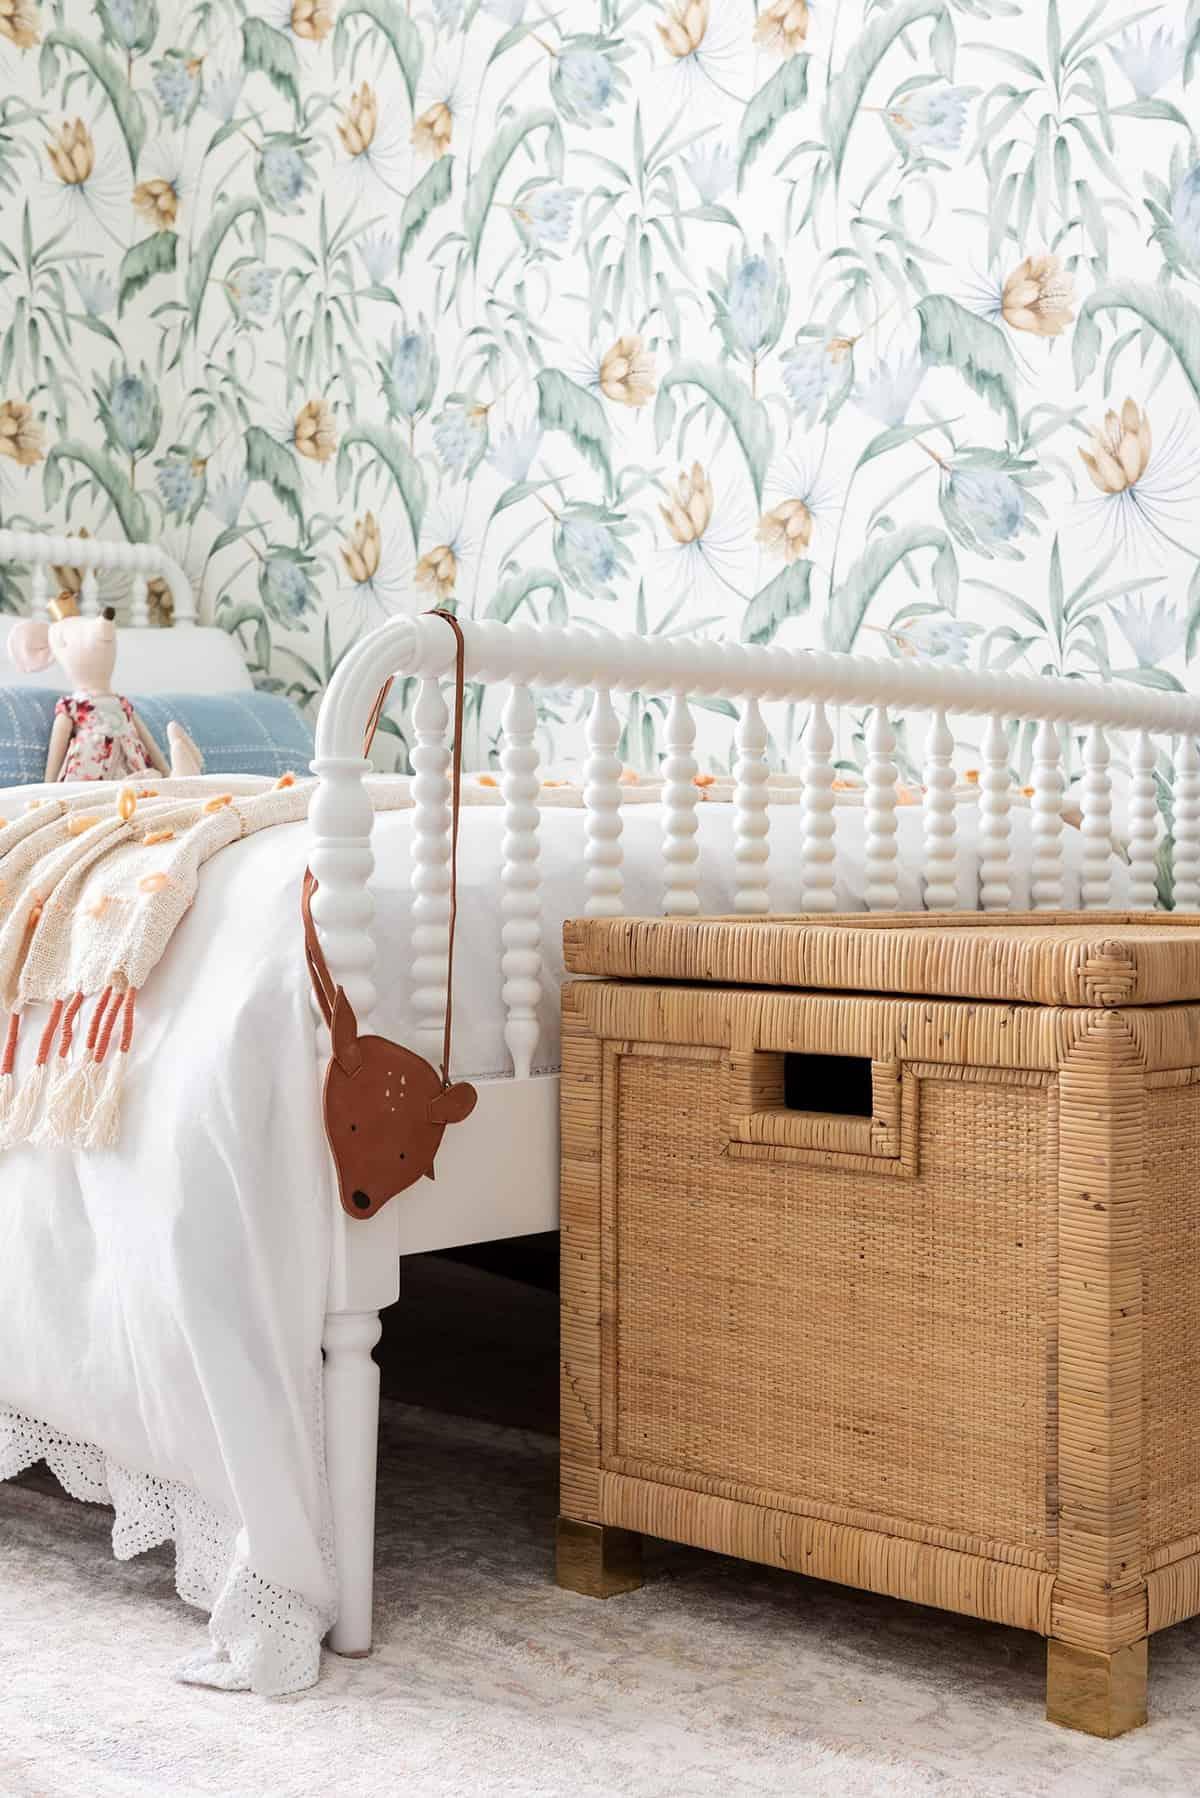 spavaća soba za djevojke u stilu seoske kuće